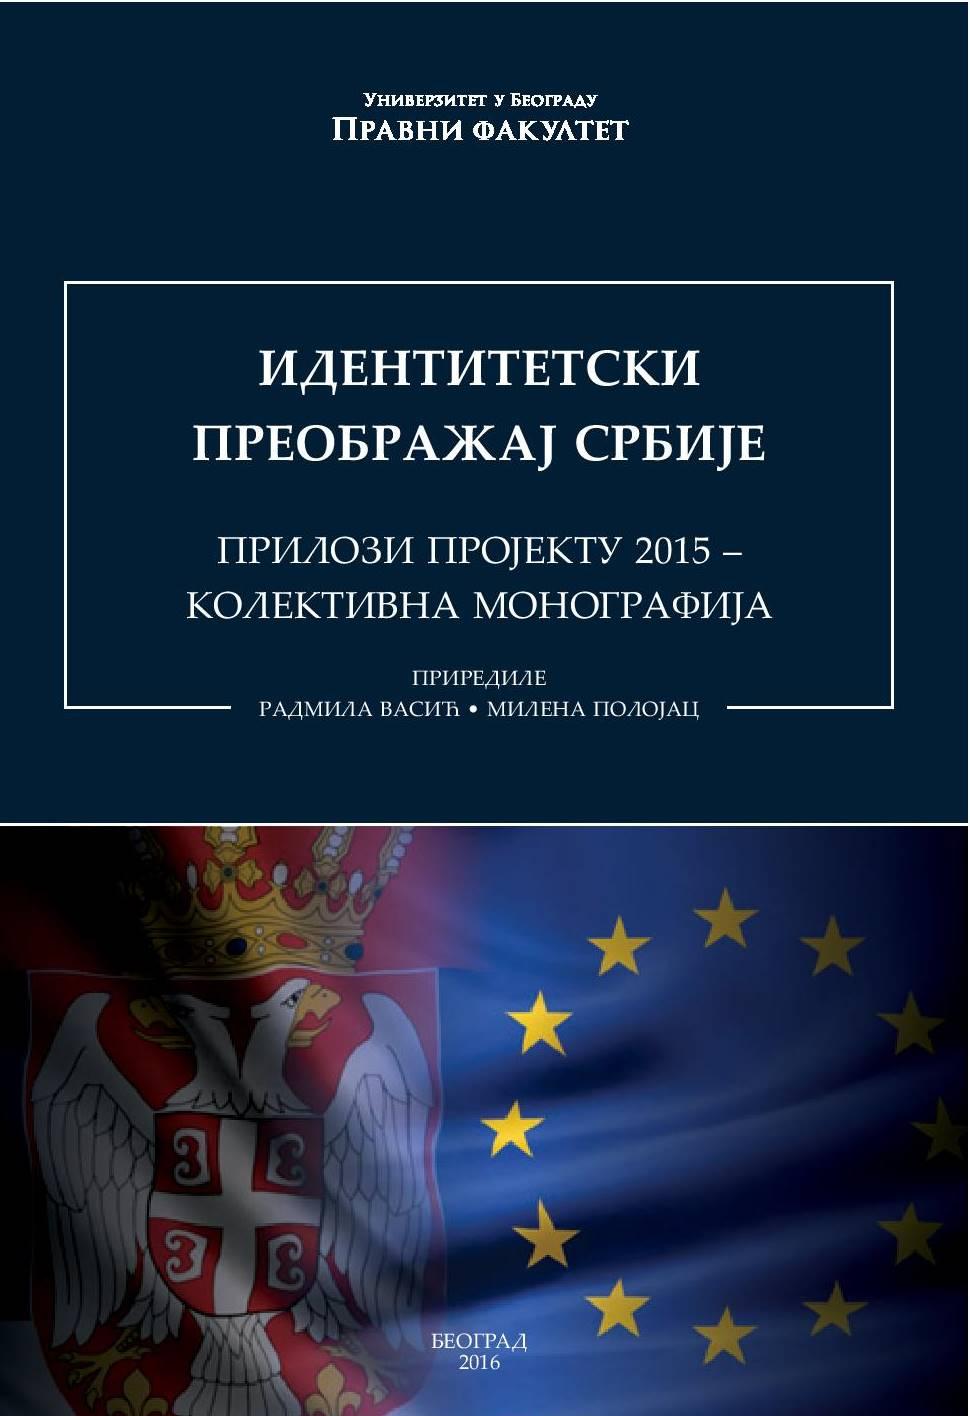 2015 – зборник радoва Идентитетски преображај Србије